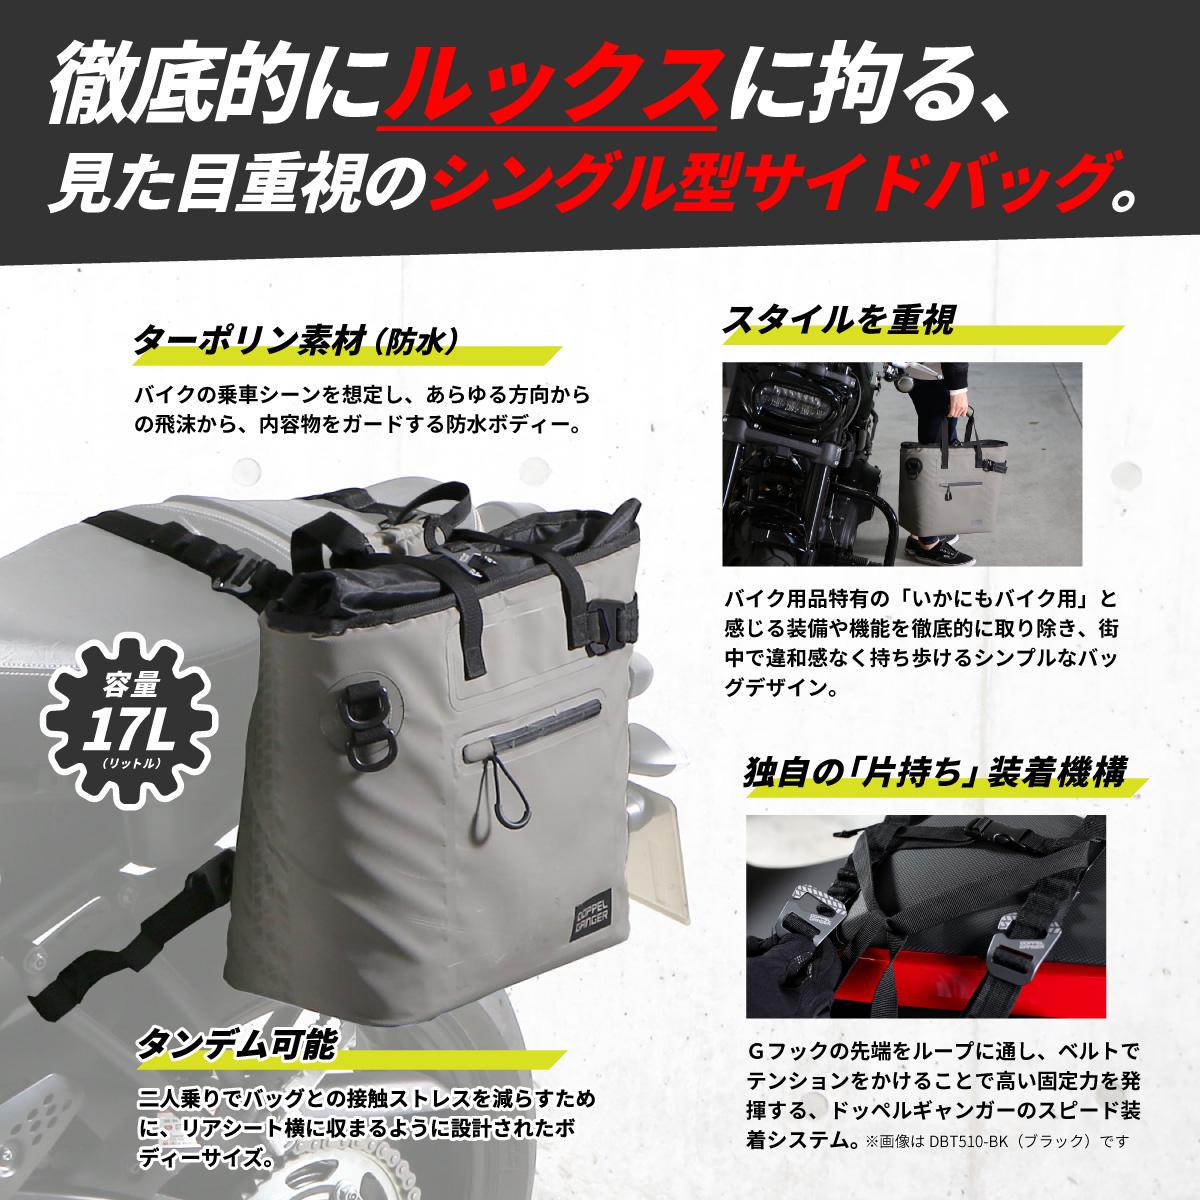 DBT510-KH ターポリンシングルサイドトートバッグ 主な特徴画像